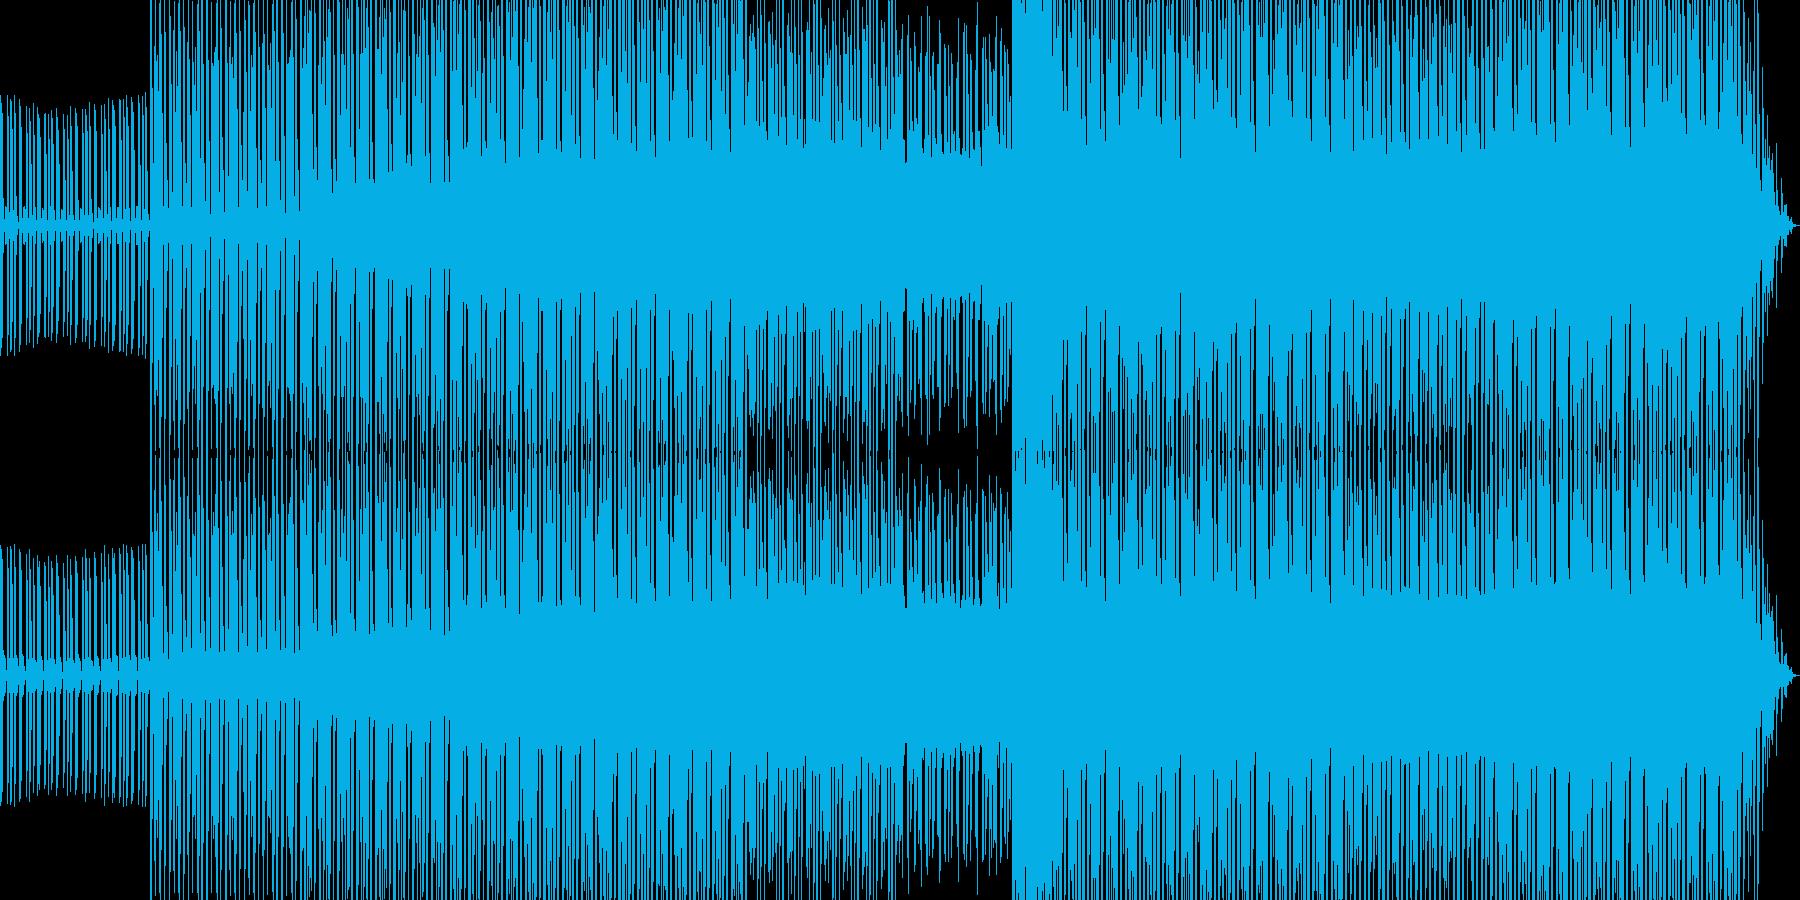 アシッドハウスミュージックその2の再生済みの波形